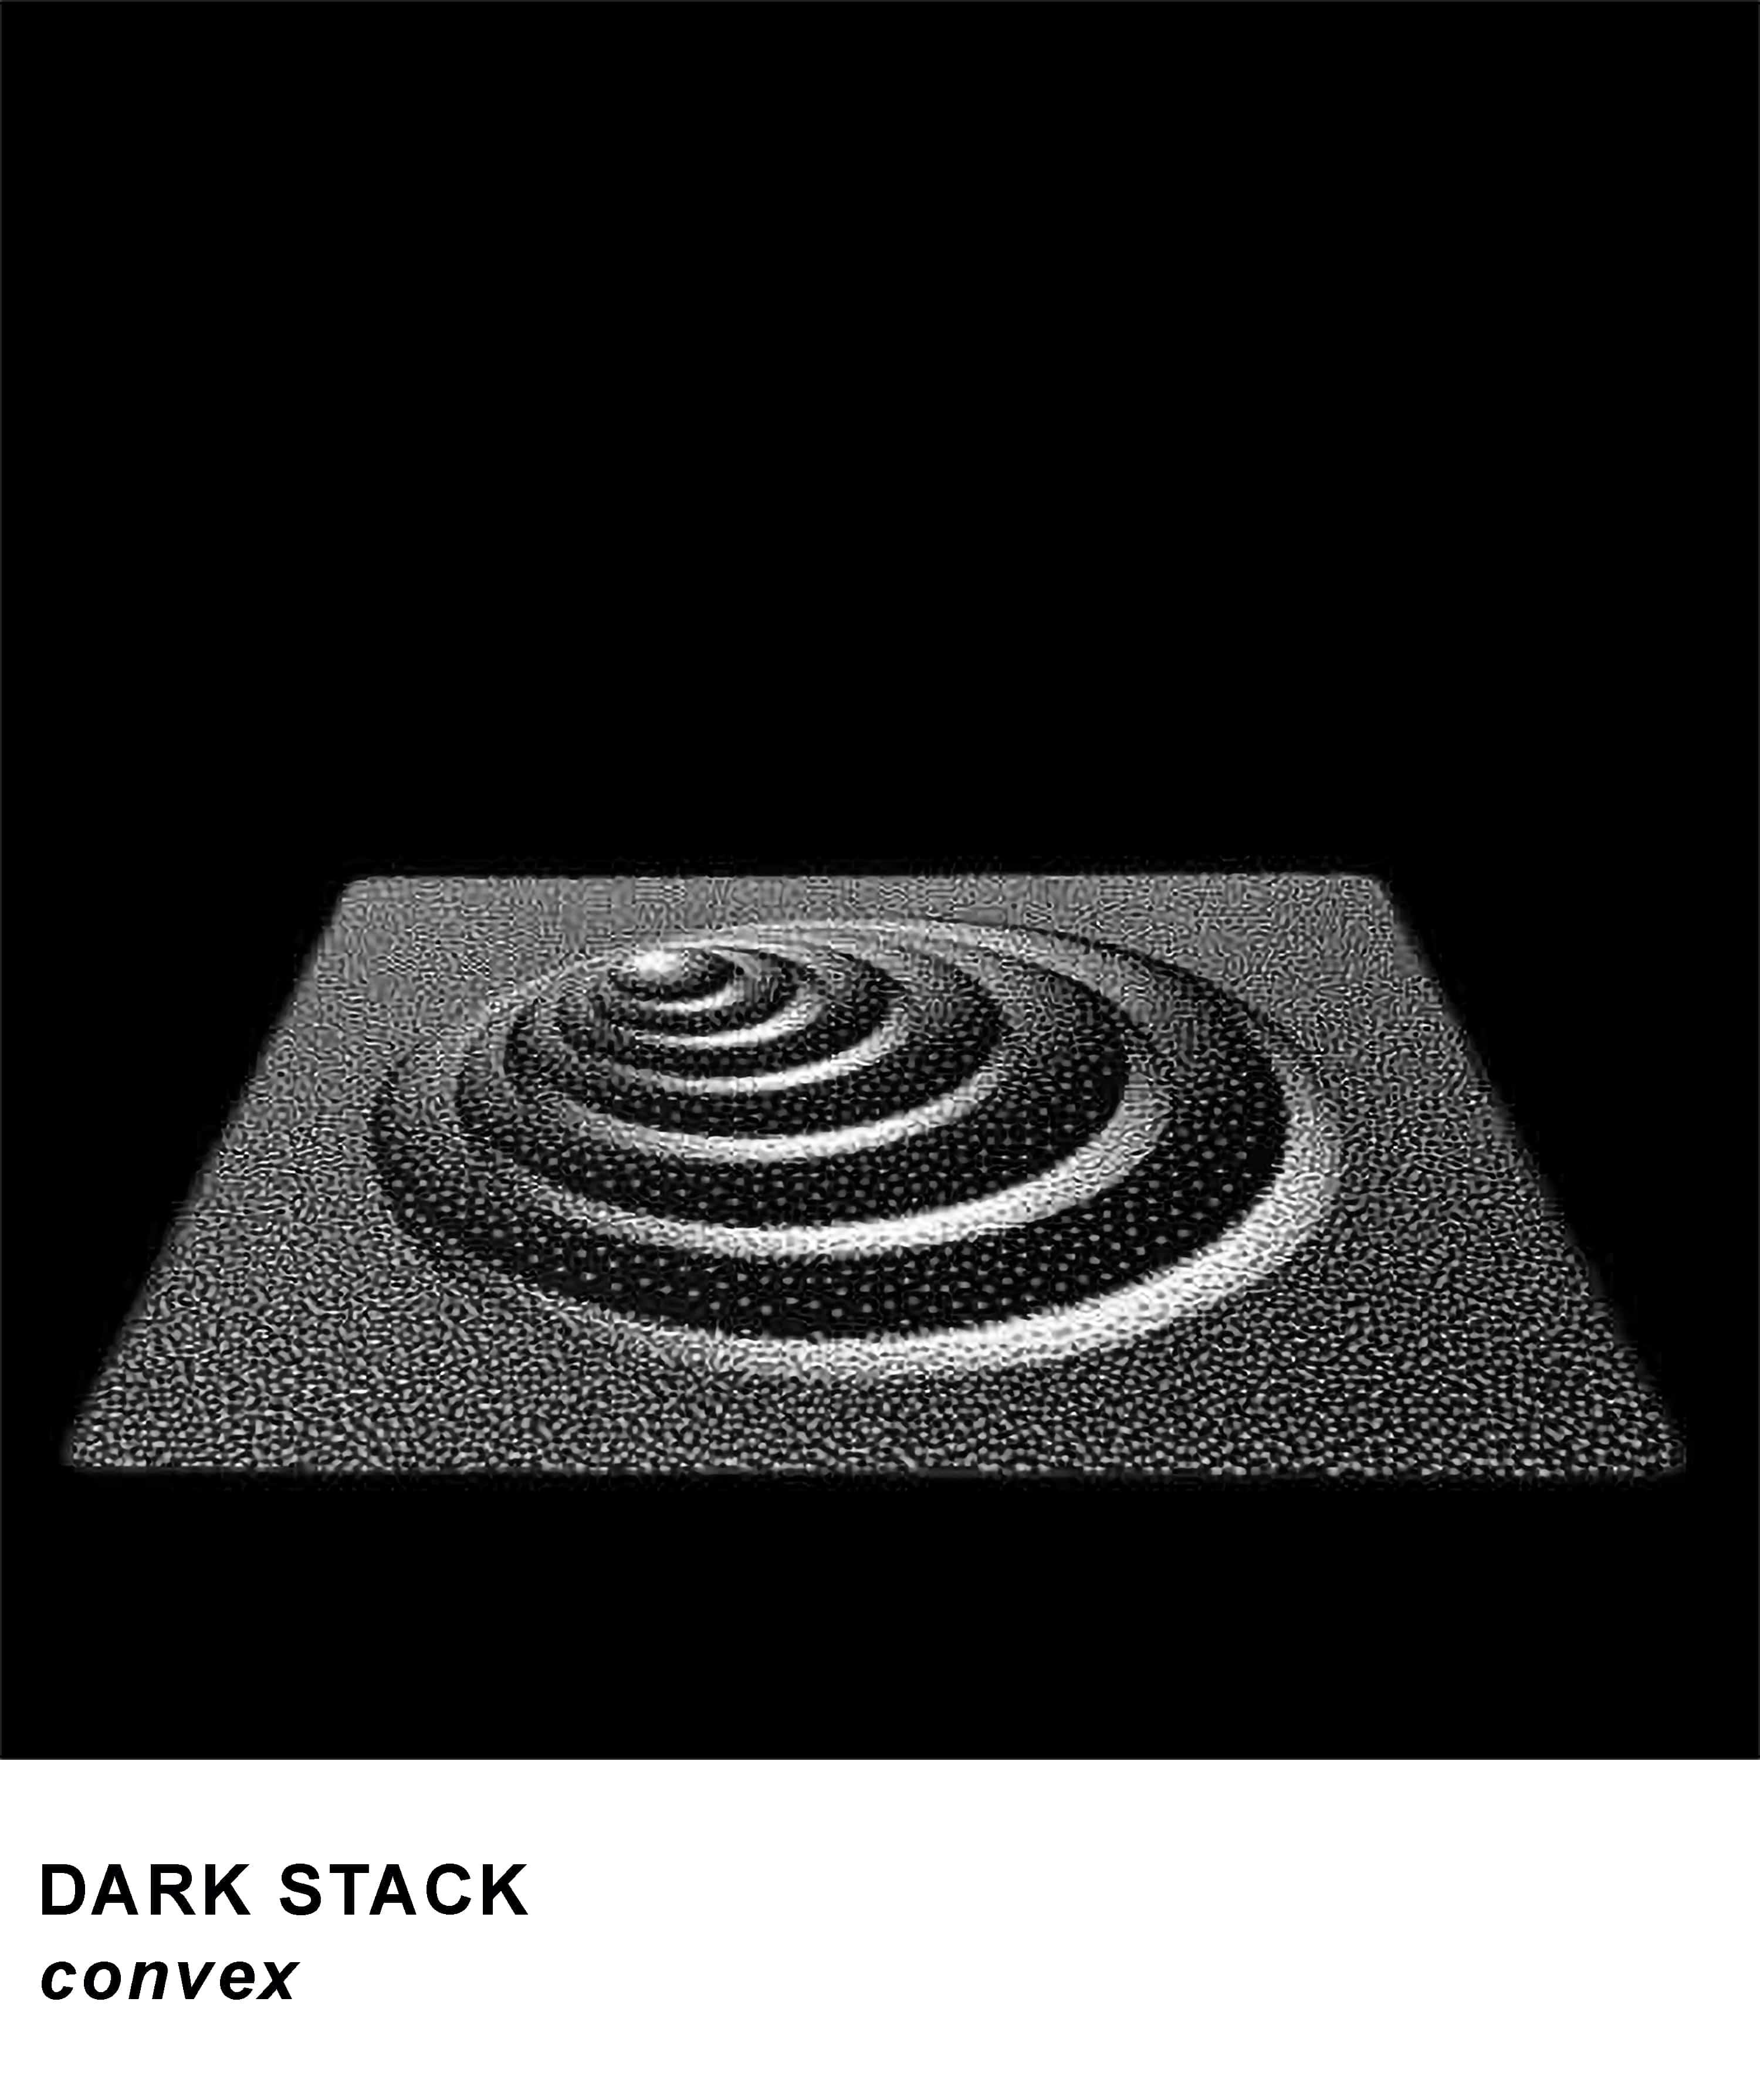 DARK STACK convex template